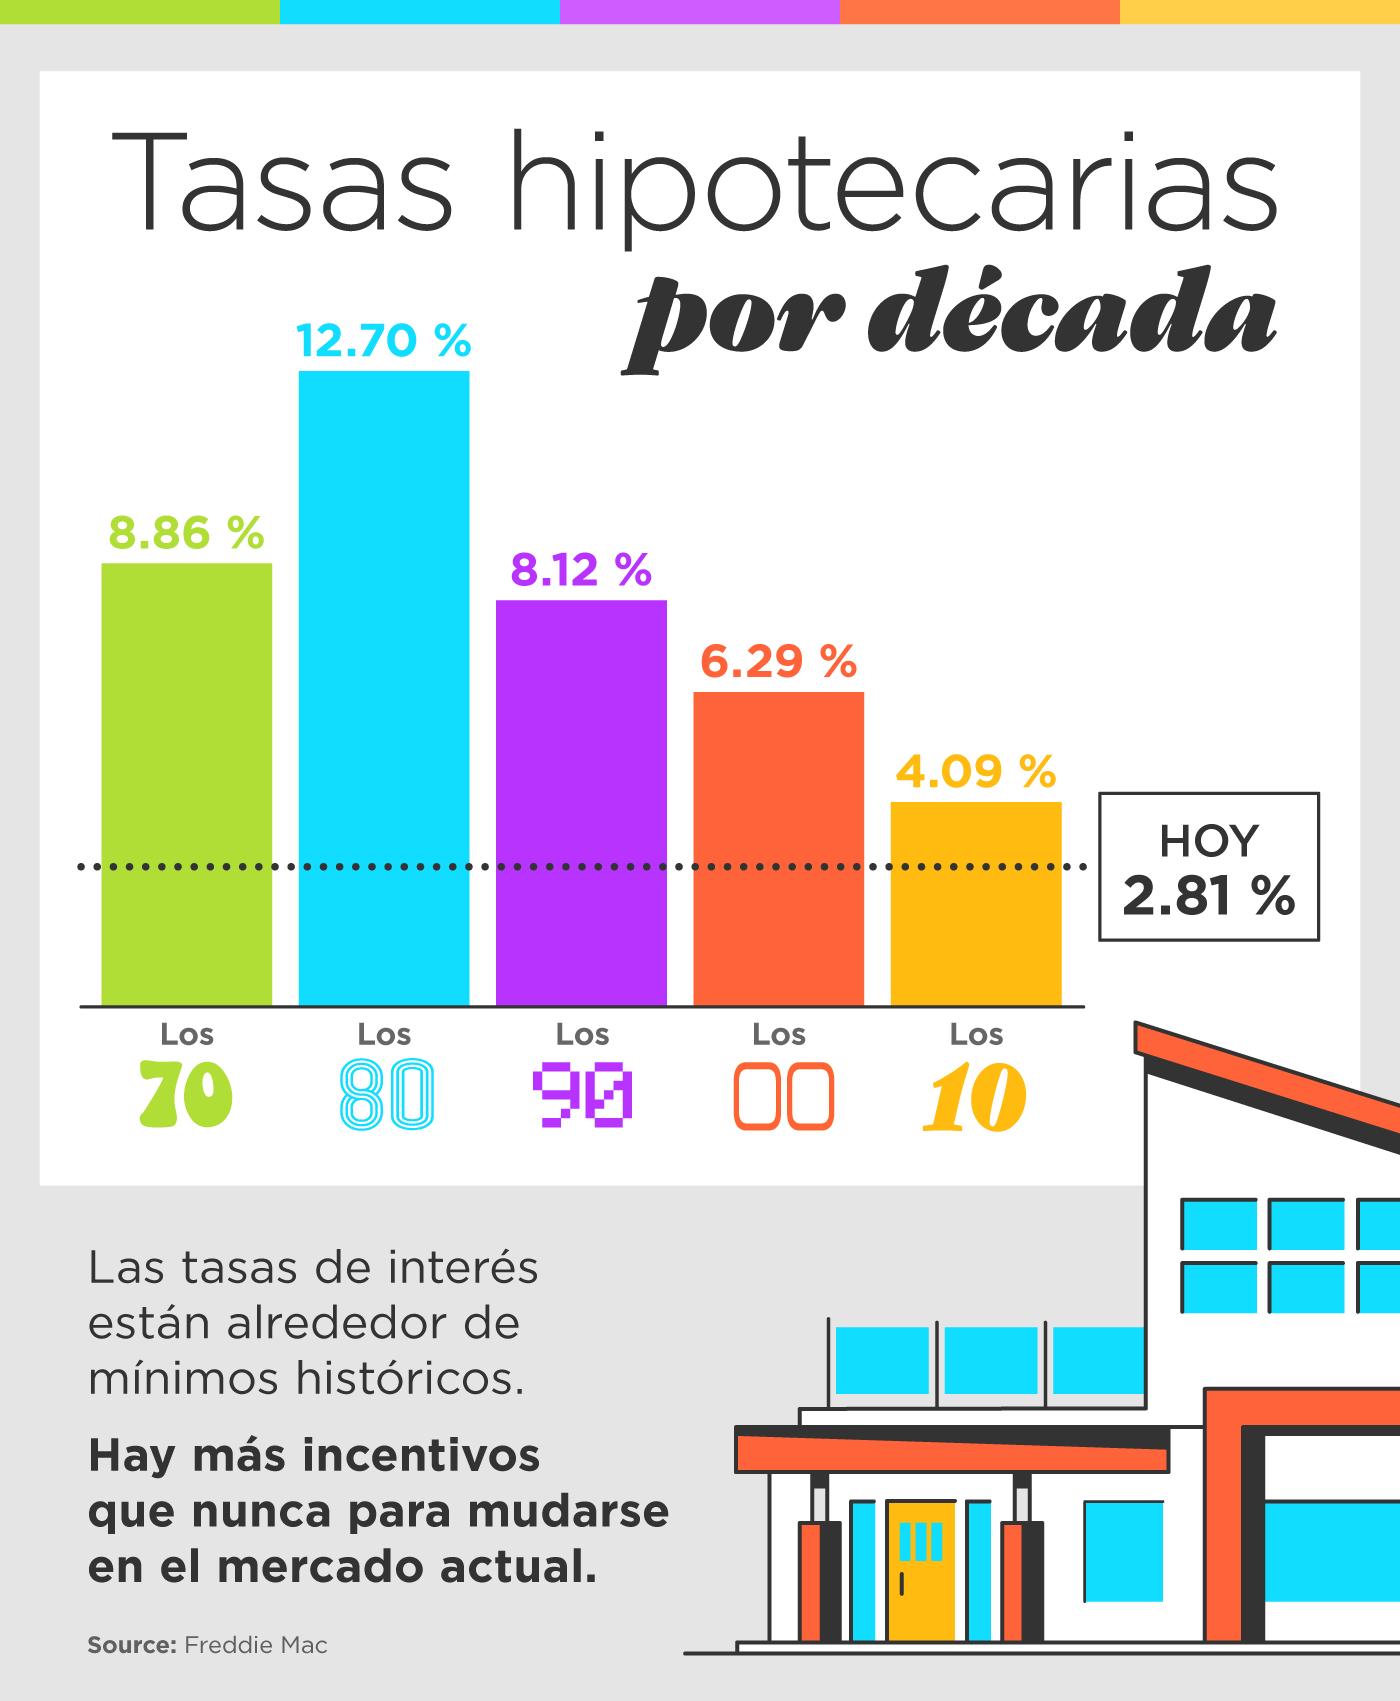 Tasas hipotecarias por década [Infografía] | Simplifying The Market